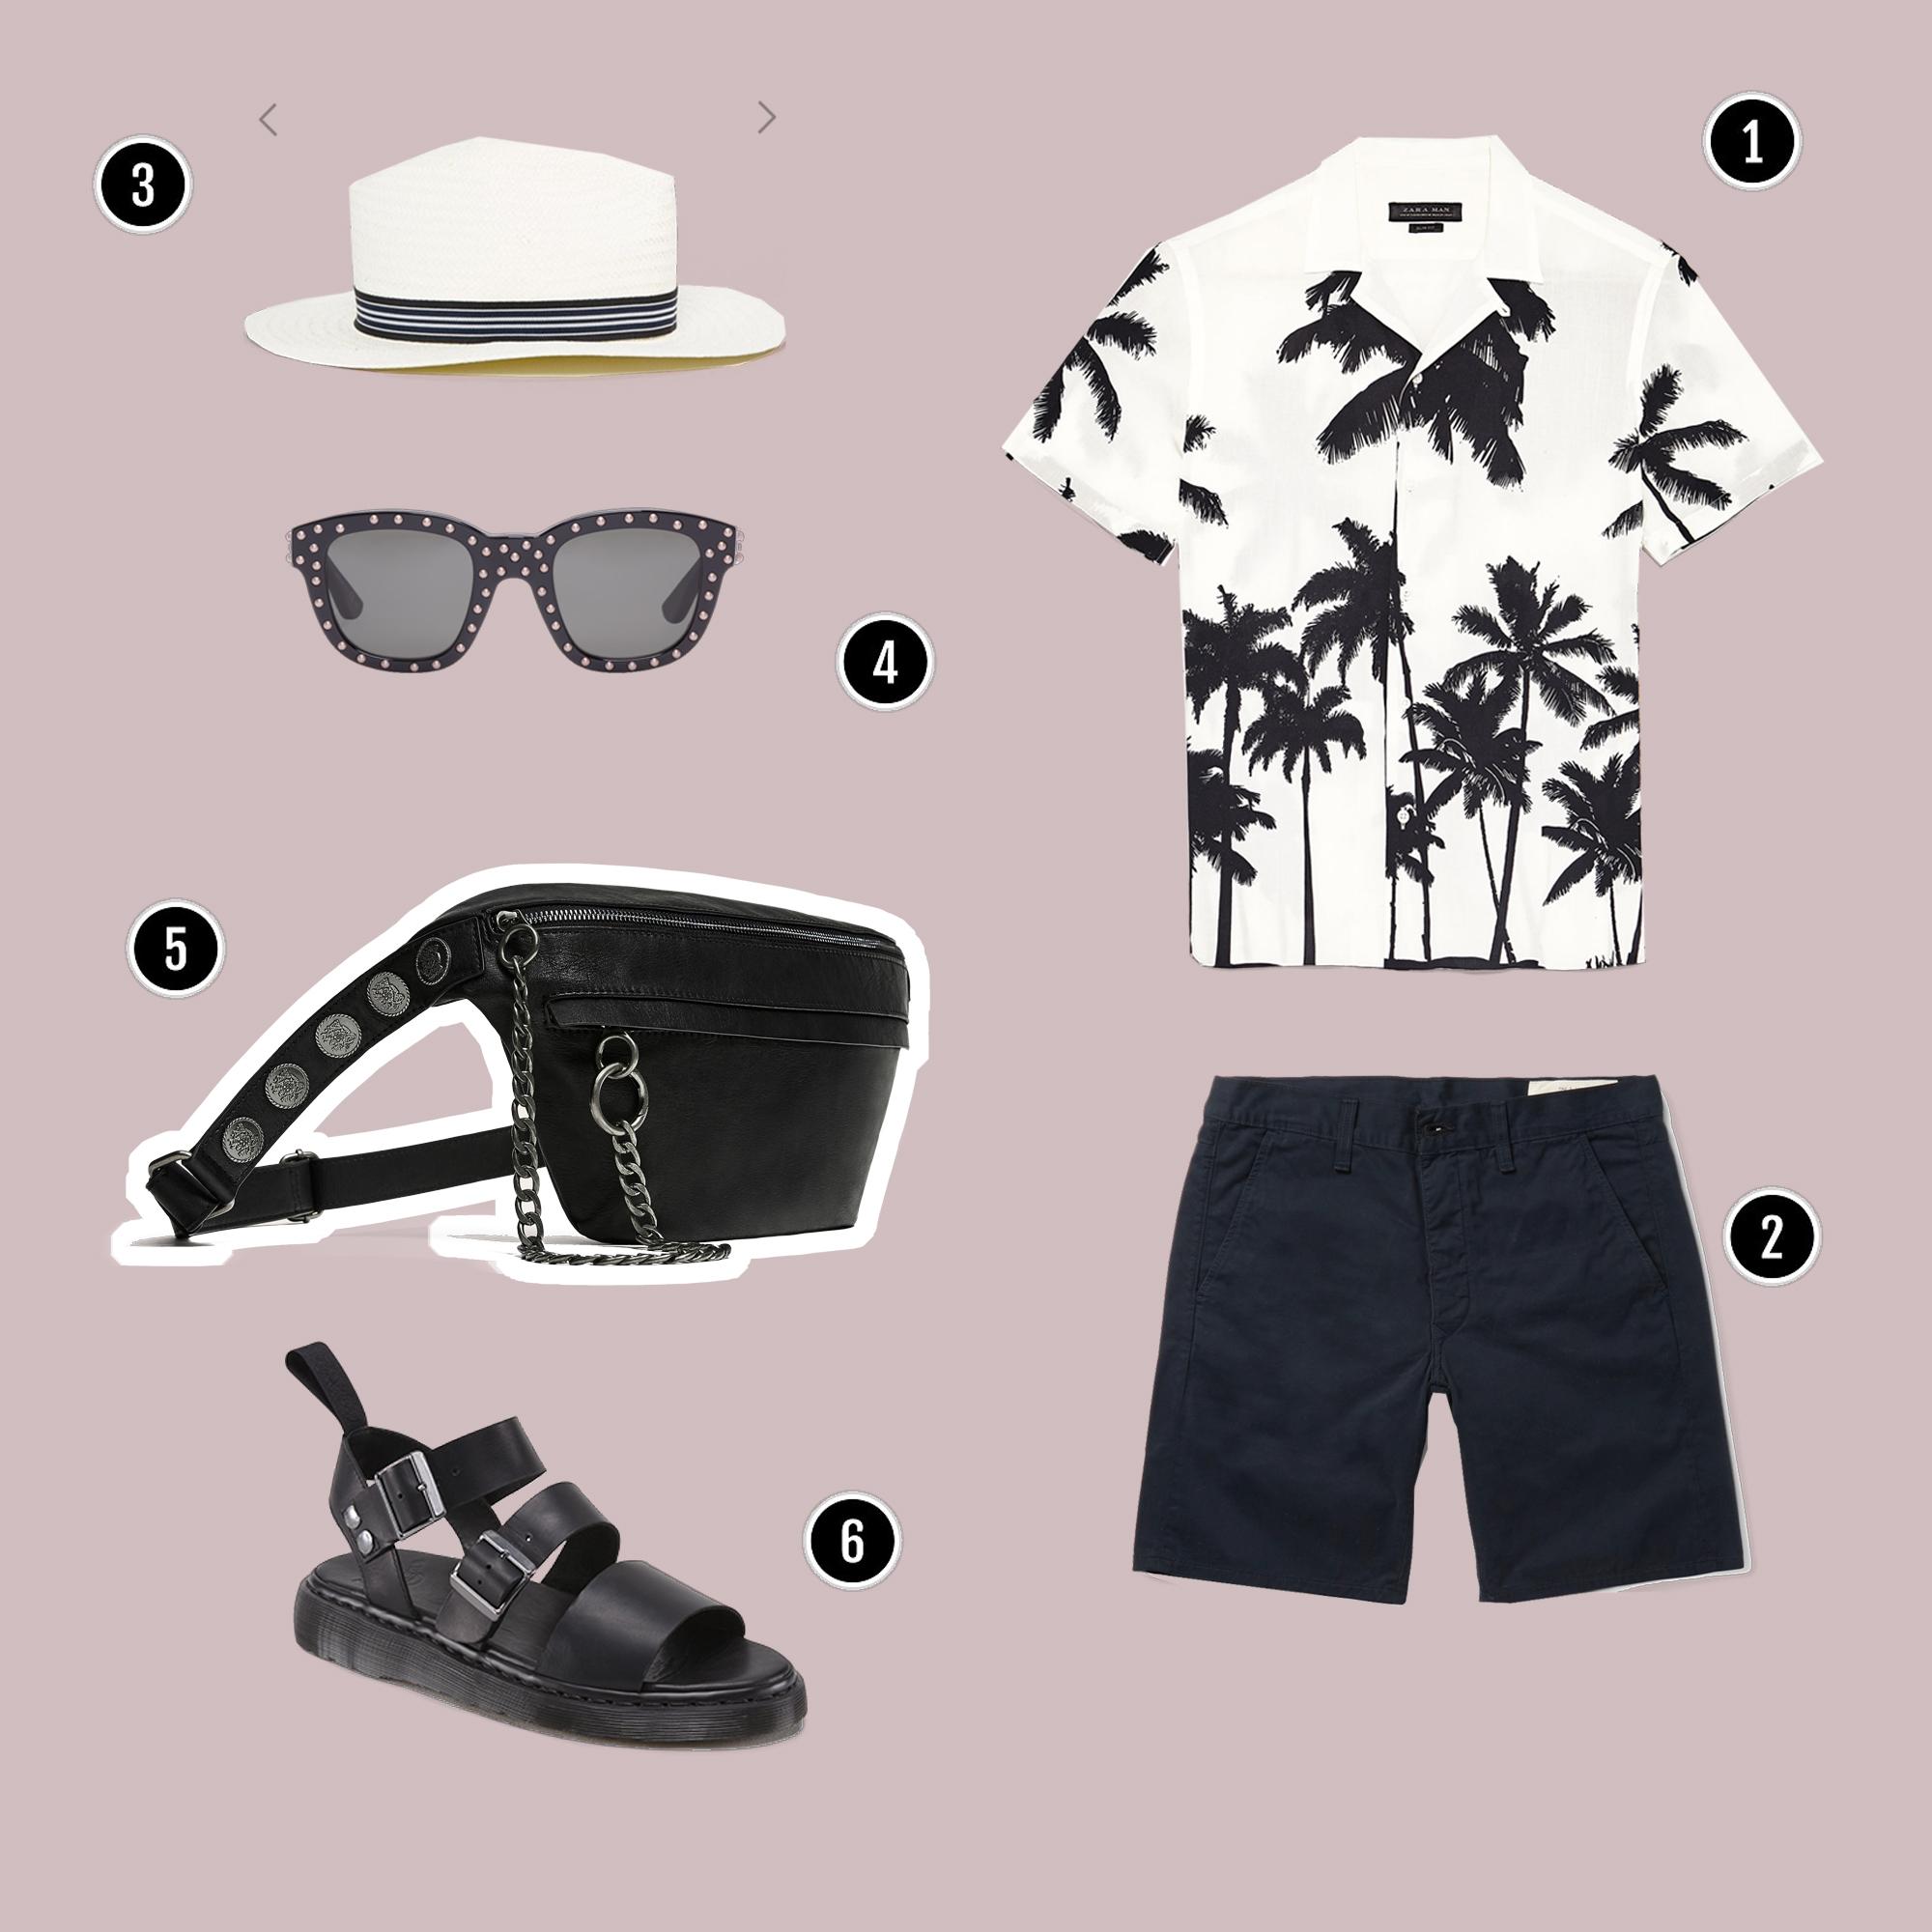 1. Áo: Zara/ 2. Quần: Rag&Bone / 3. Mũ: Asos / 4. Kính: YSL / 5. Túi: Zara / 6. Sandals: Dr. Martens